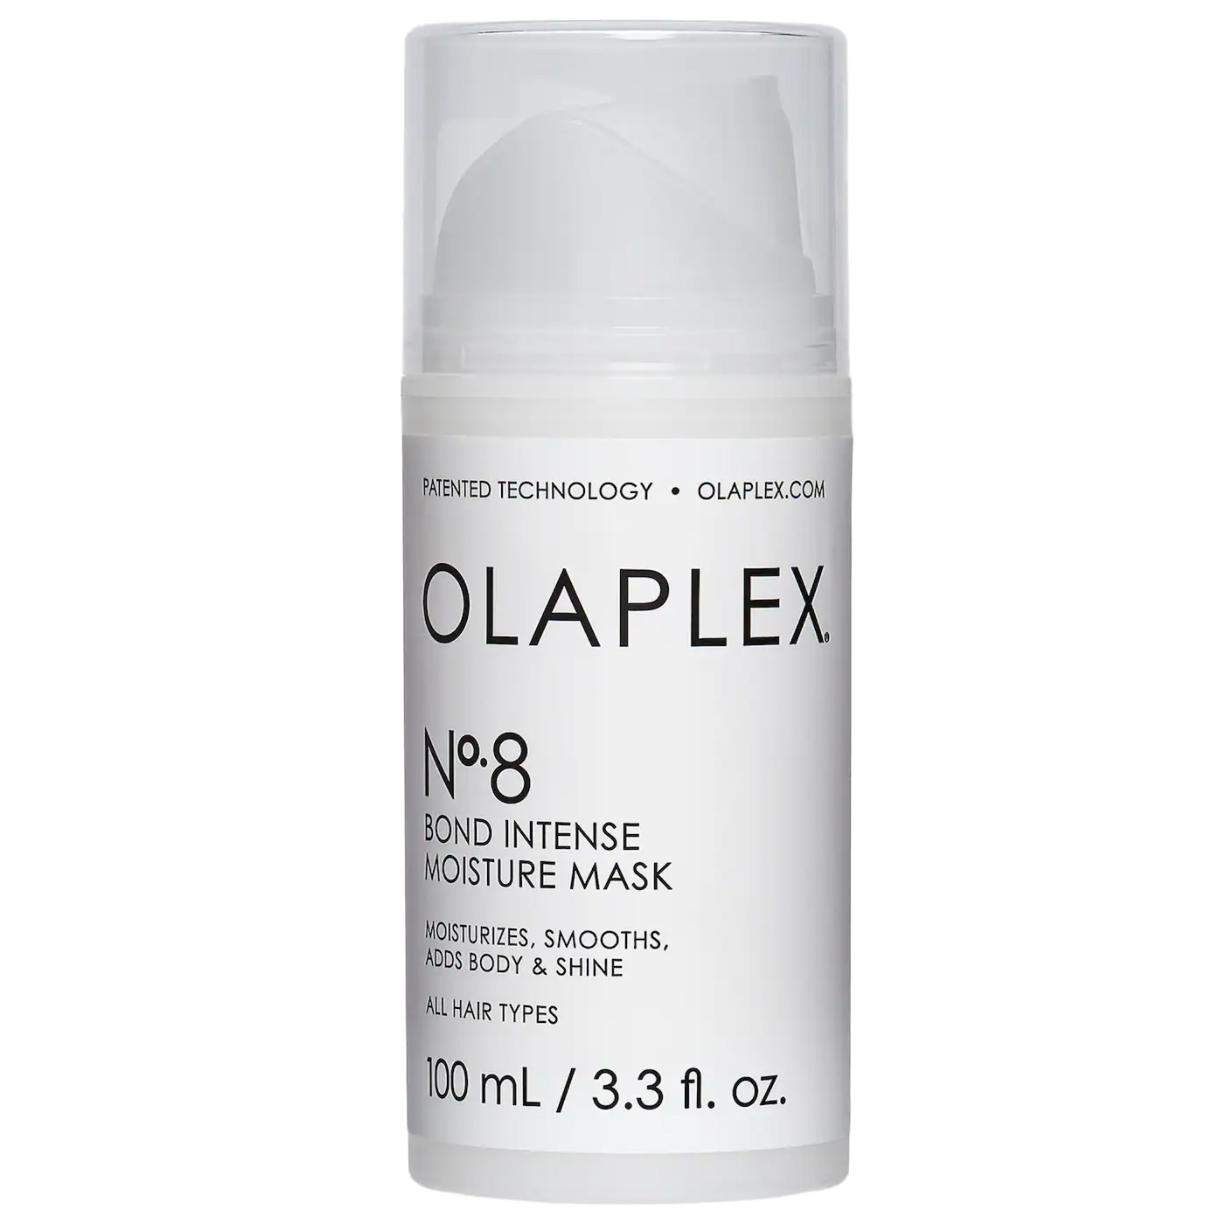 olaplex no. 8 moisture mask review